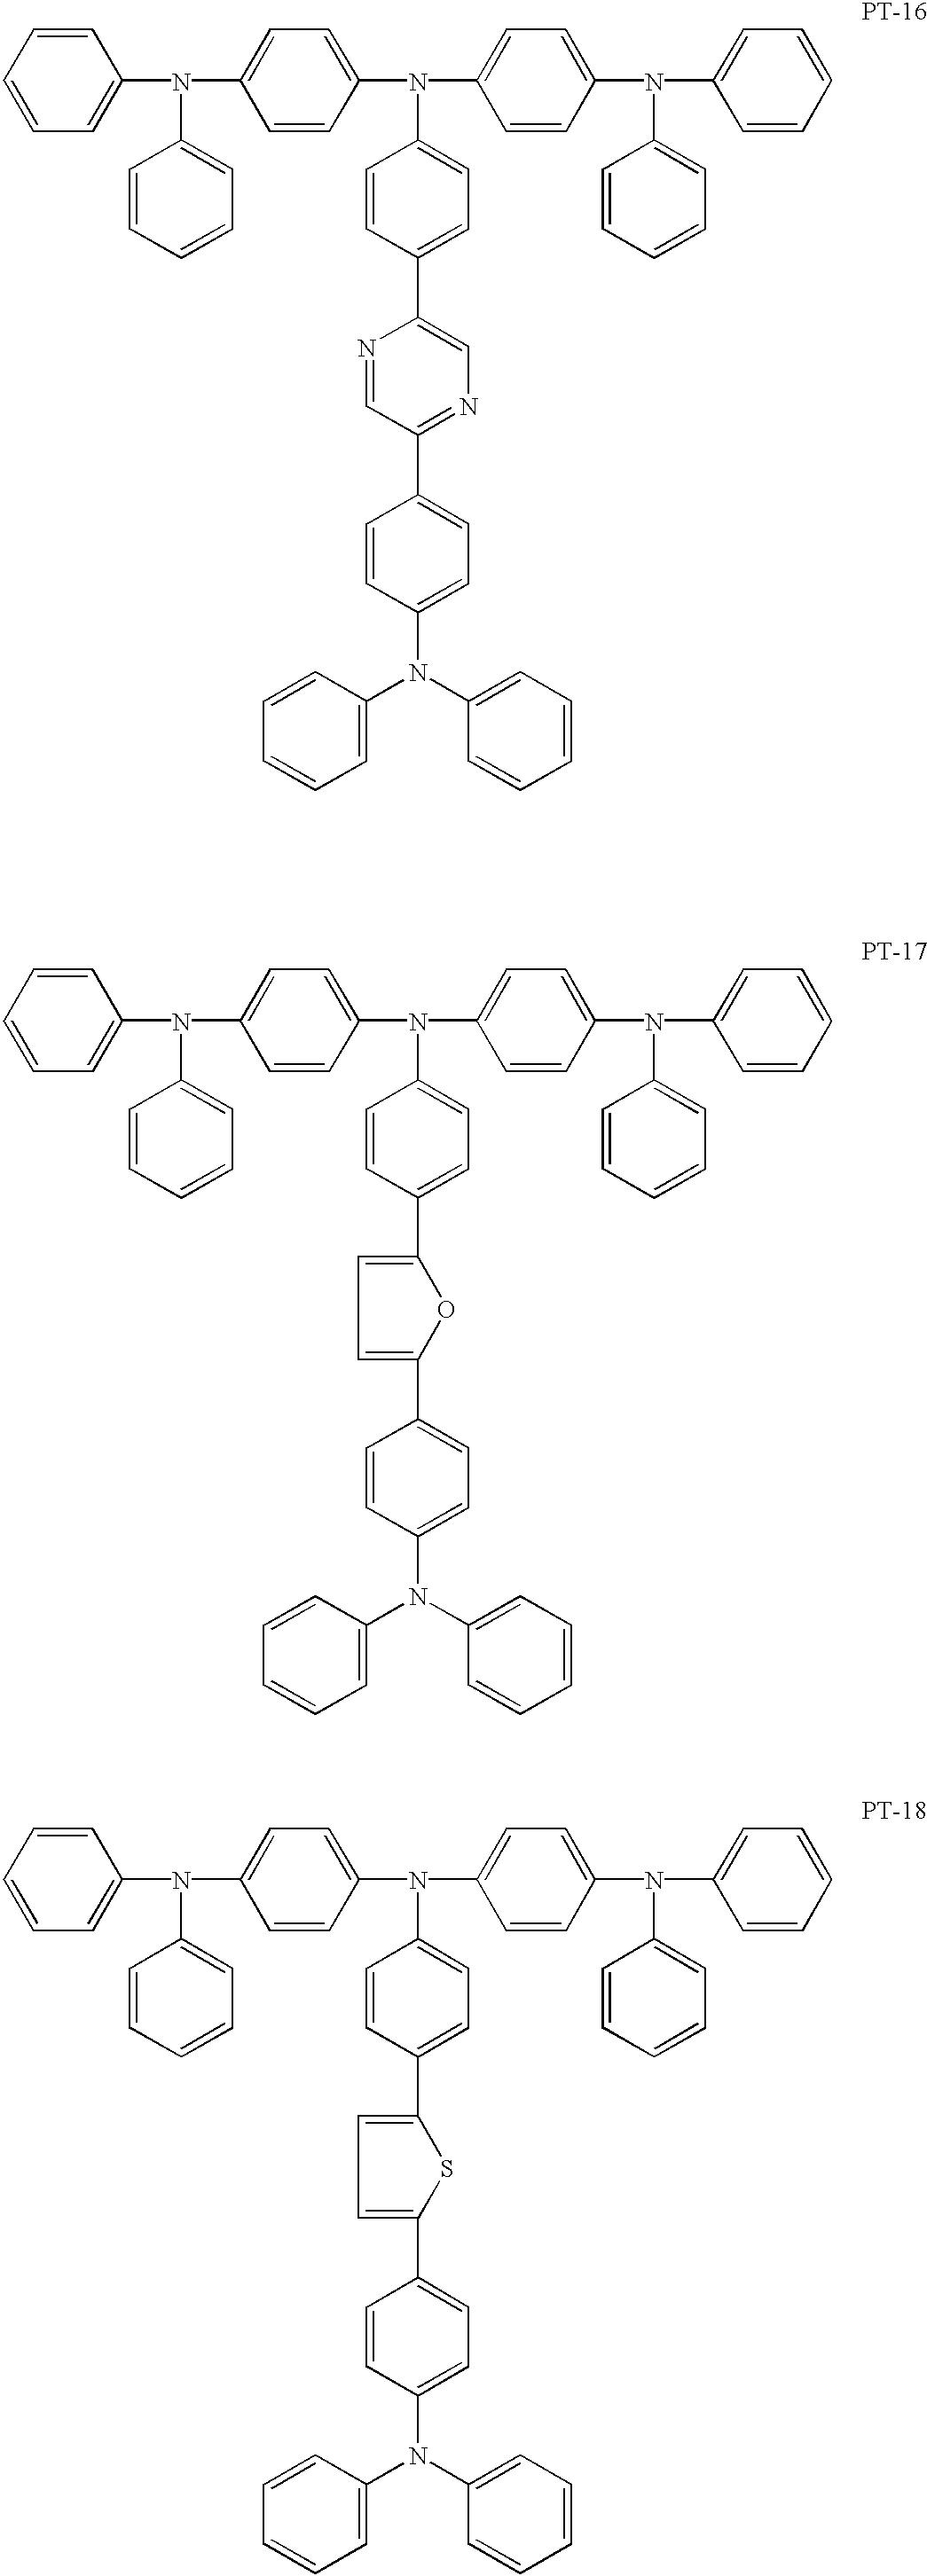 Figure US06541129-20030401-C00027